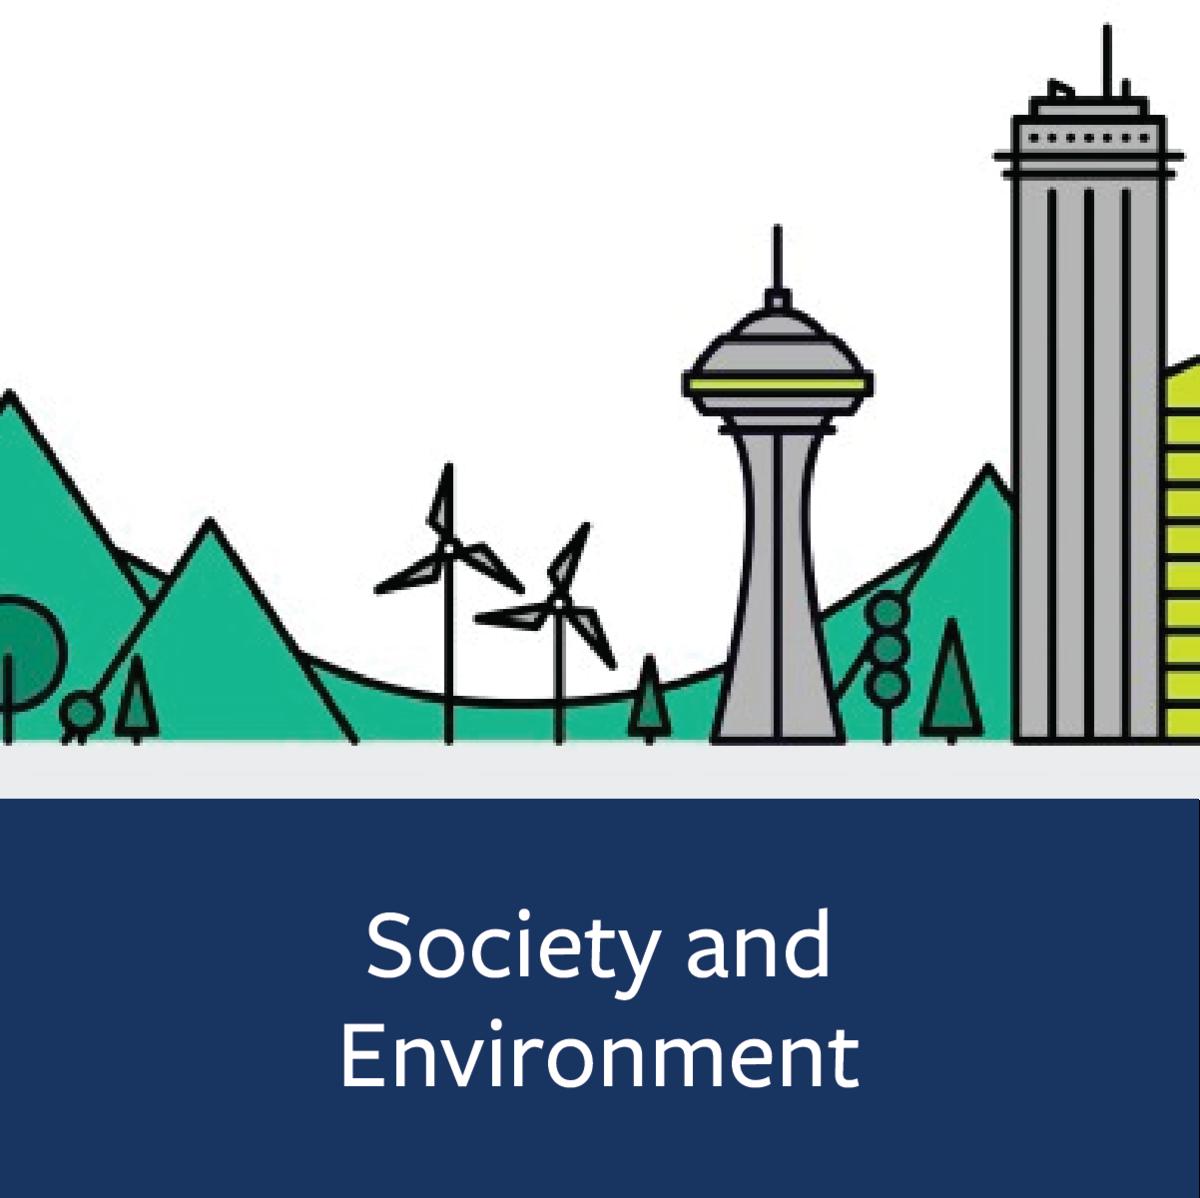 Society and Environment Major Map